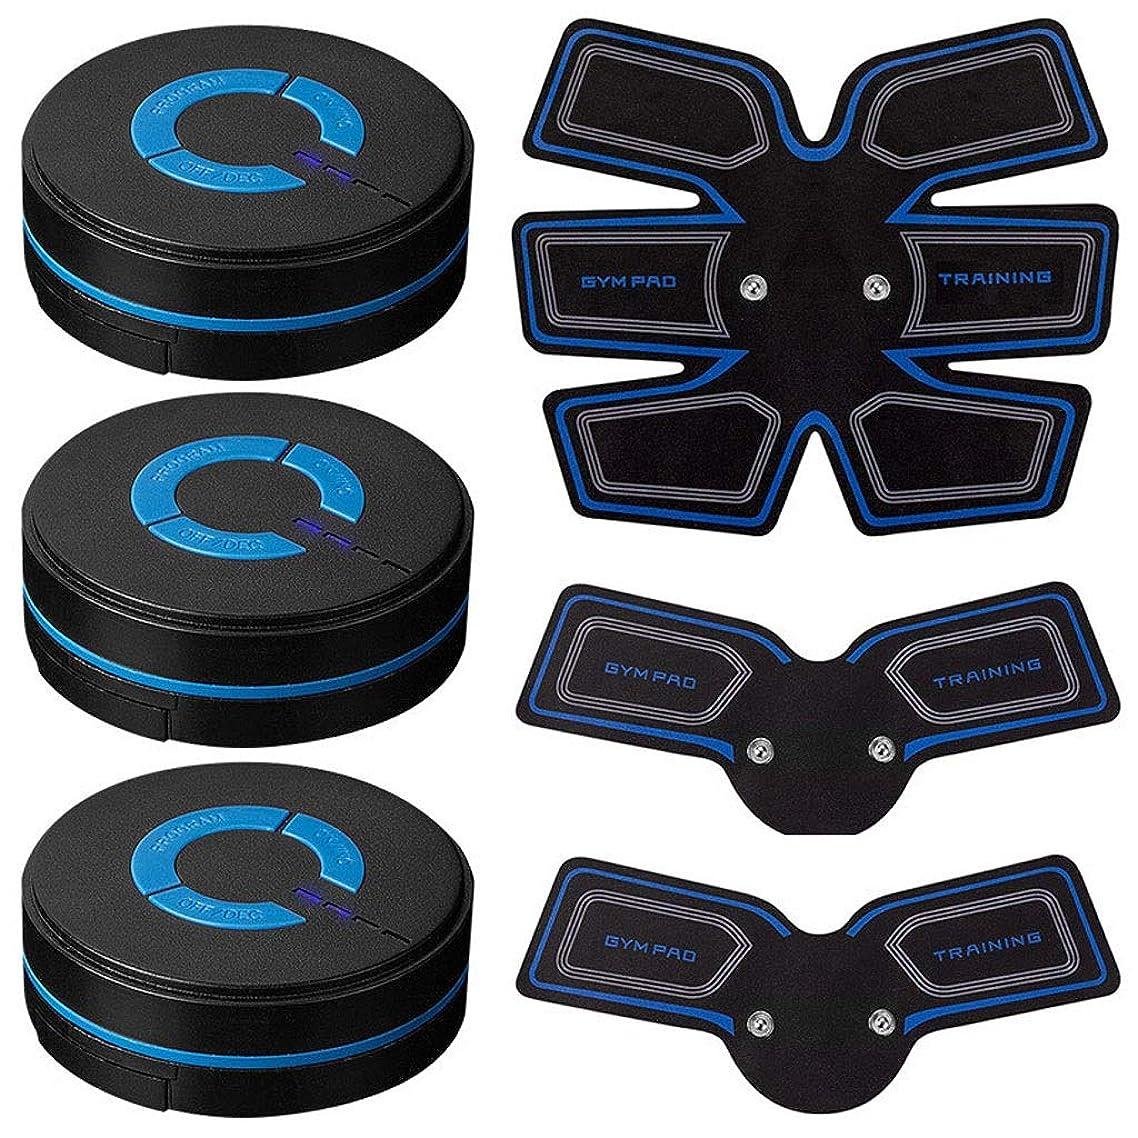 消毒する儀式傾向USB充電筋肉トナー腹筋absシミュレータ腹部調色ベルトワークアウトワイヤレスEMSトレーニングホームオフィス用腹部/腕/脚トレーニングホームオフィス (Size : 3 host 1 set of stickers)